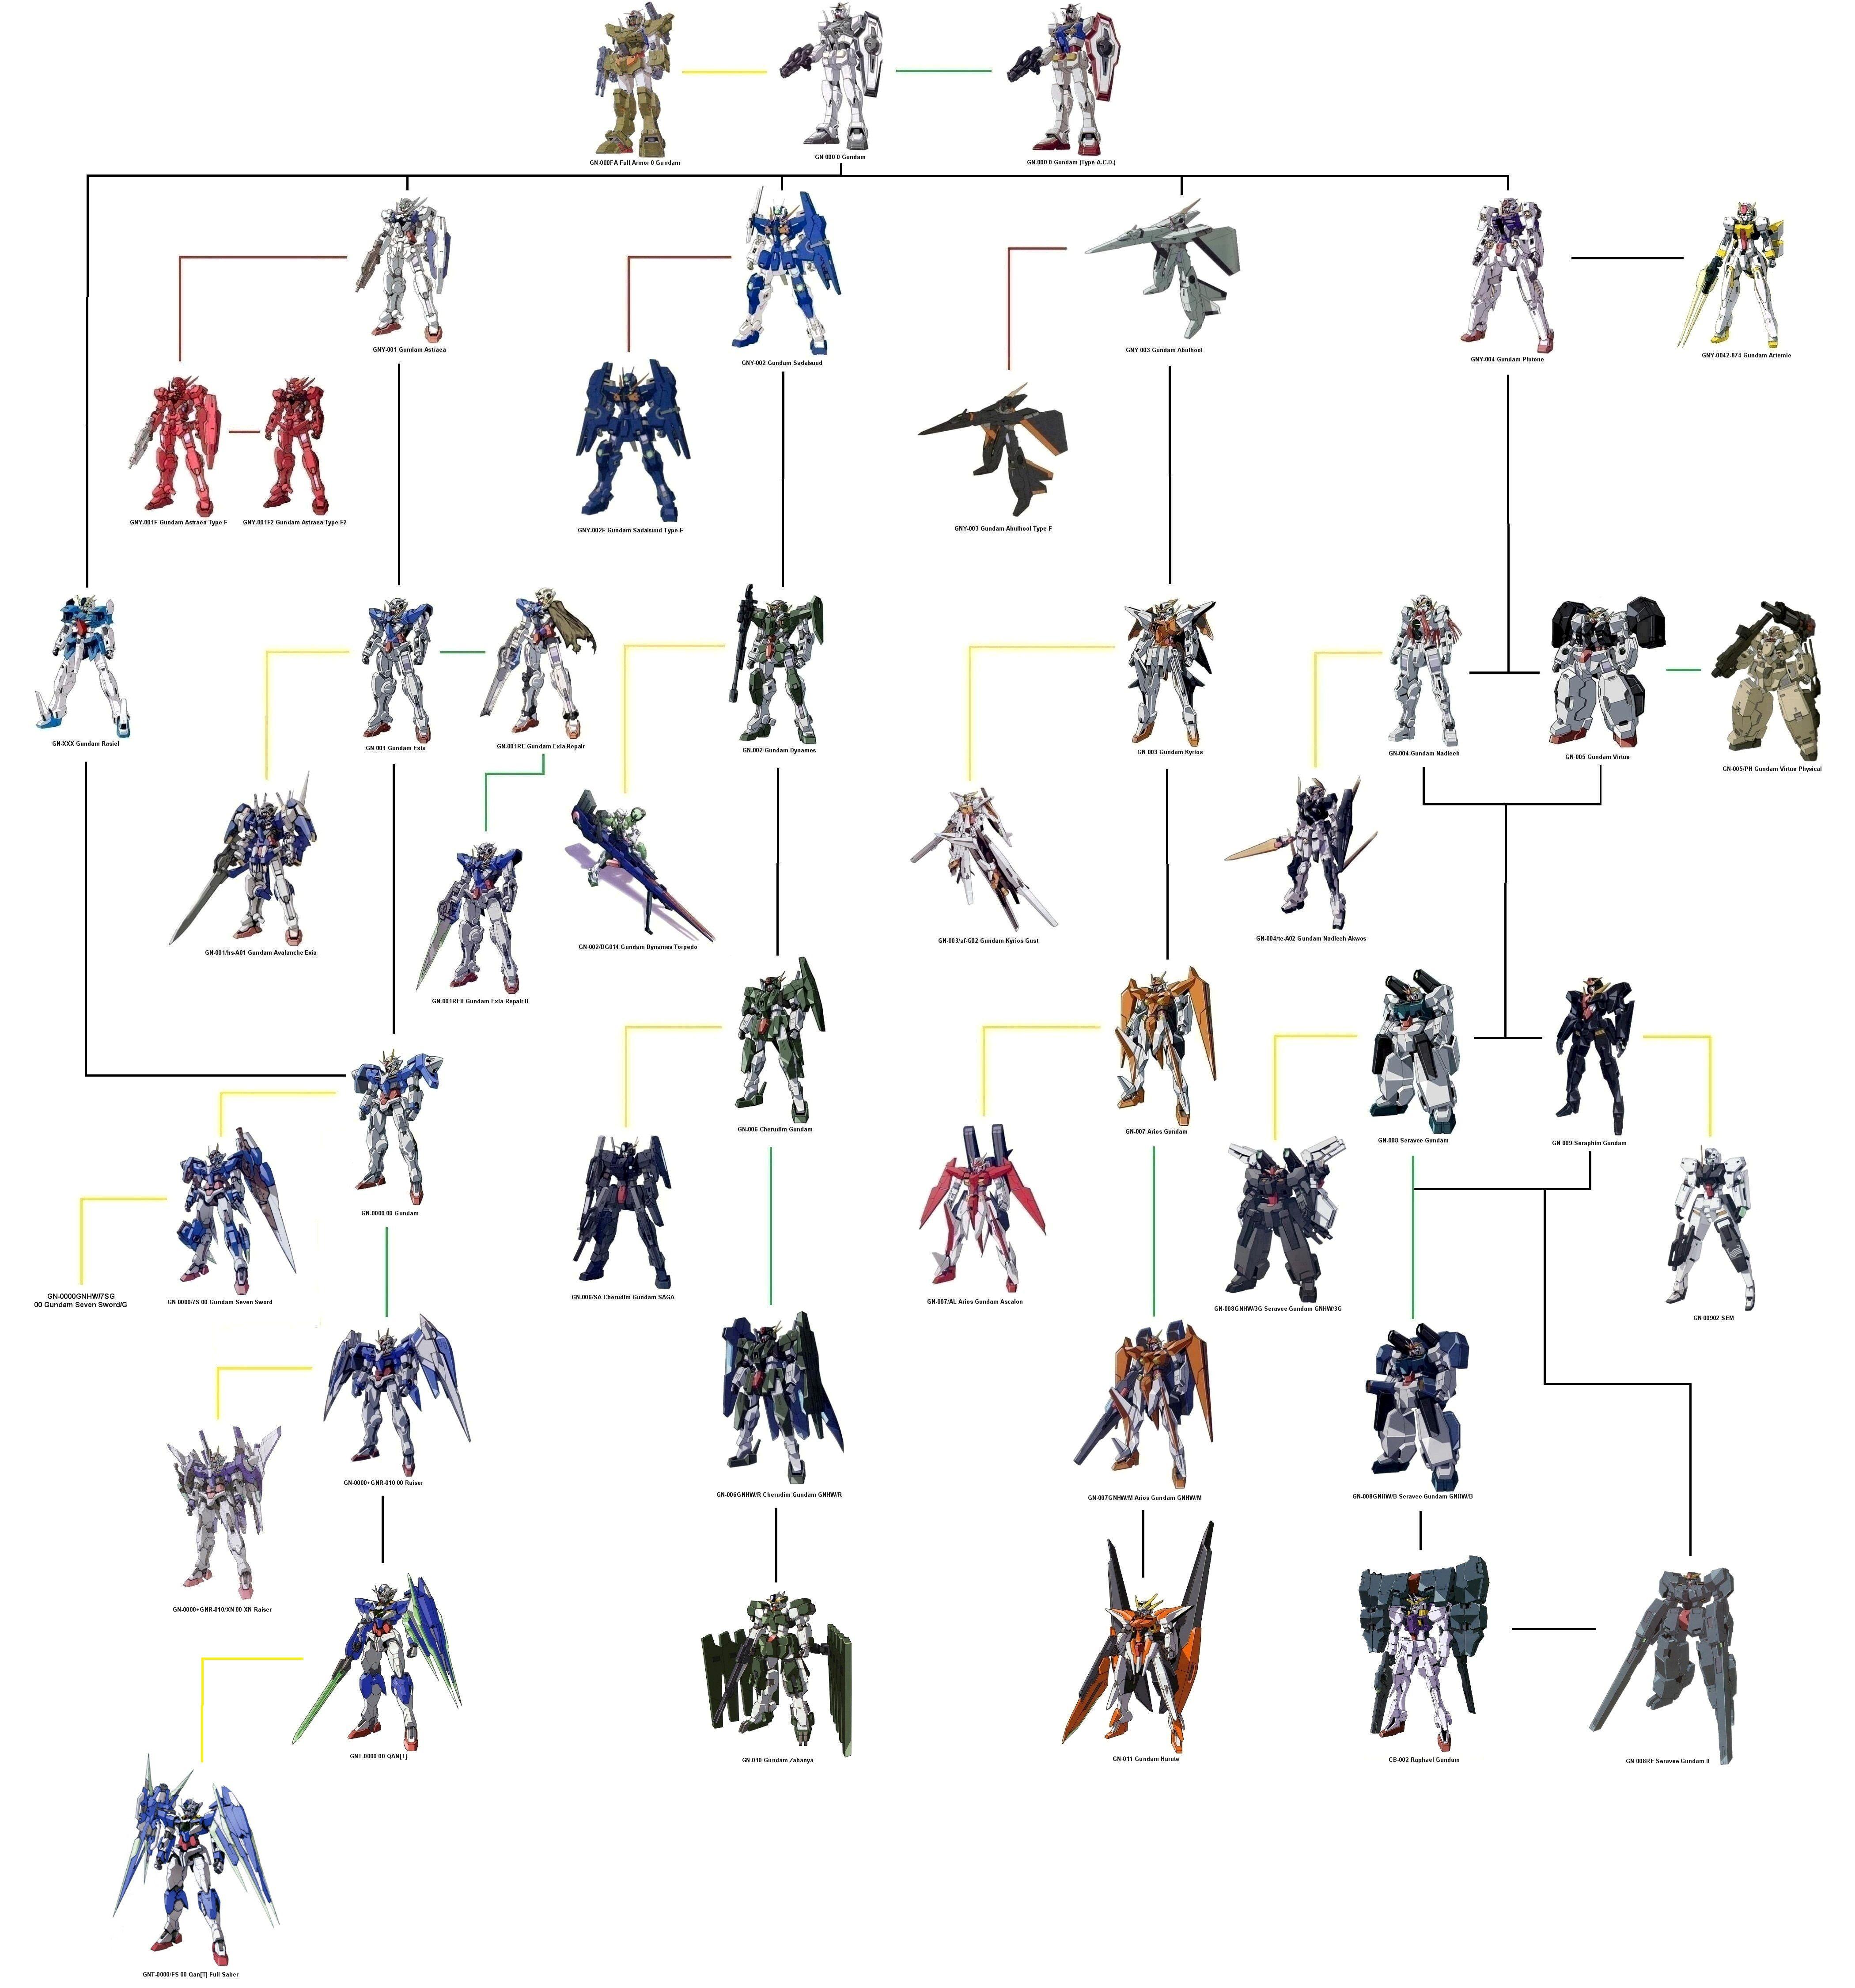 Gundam 00 Celestial Being Tree Gundam 00, Gundam, Gundam art